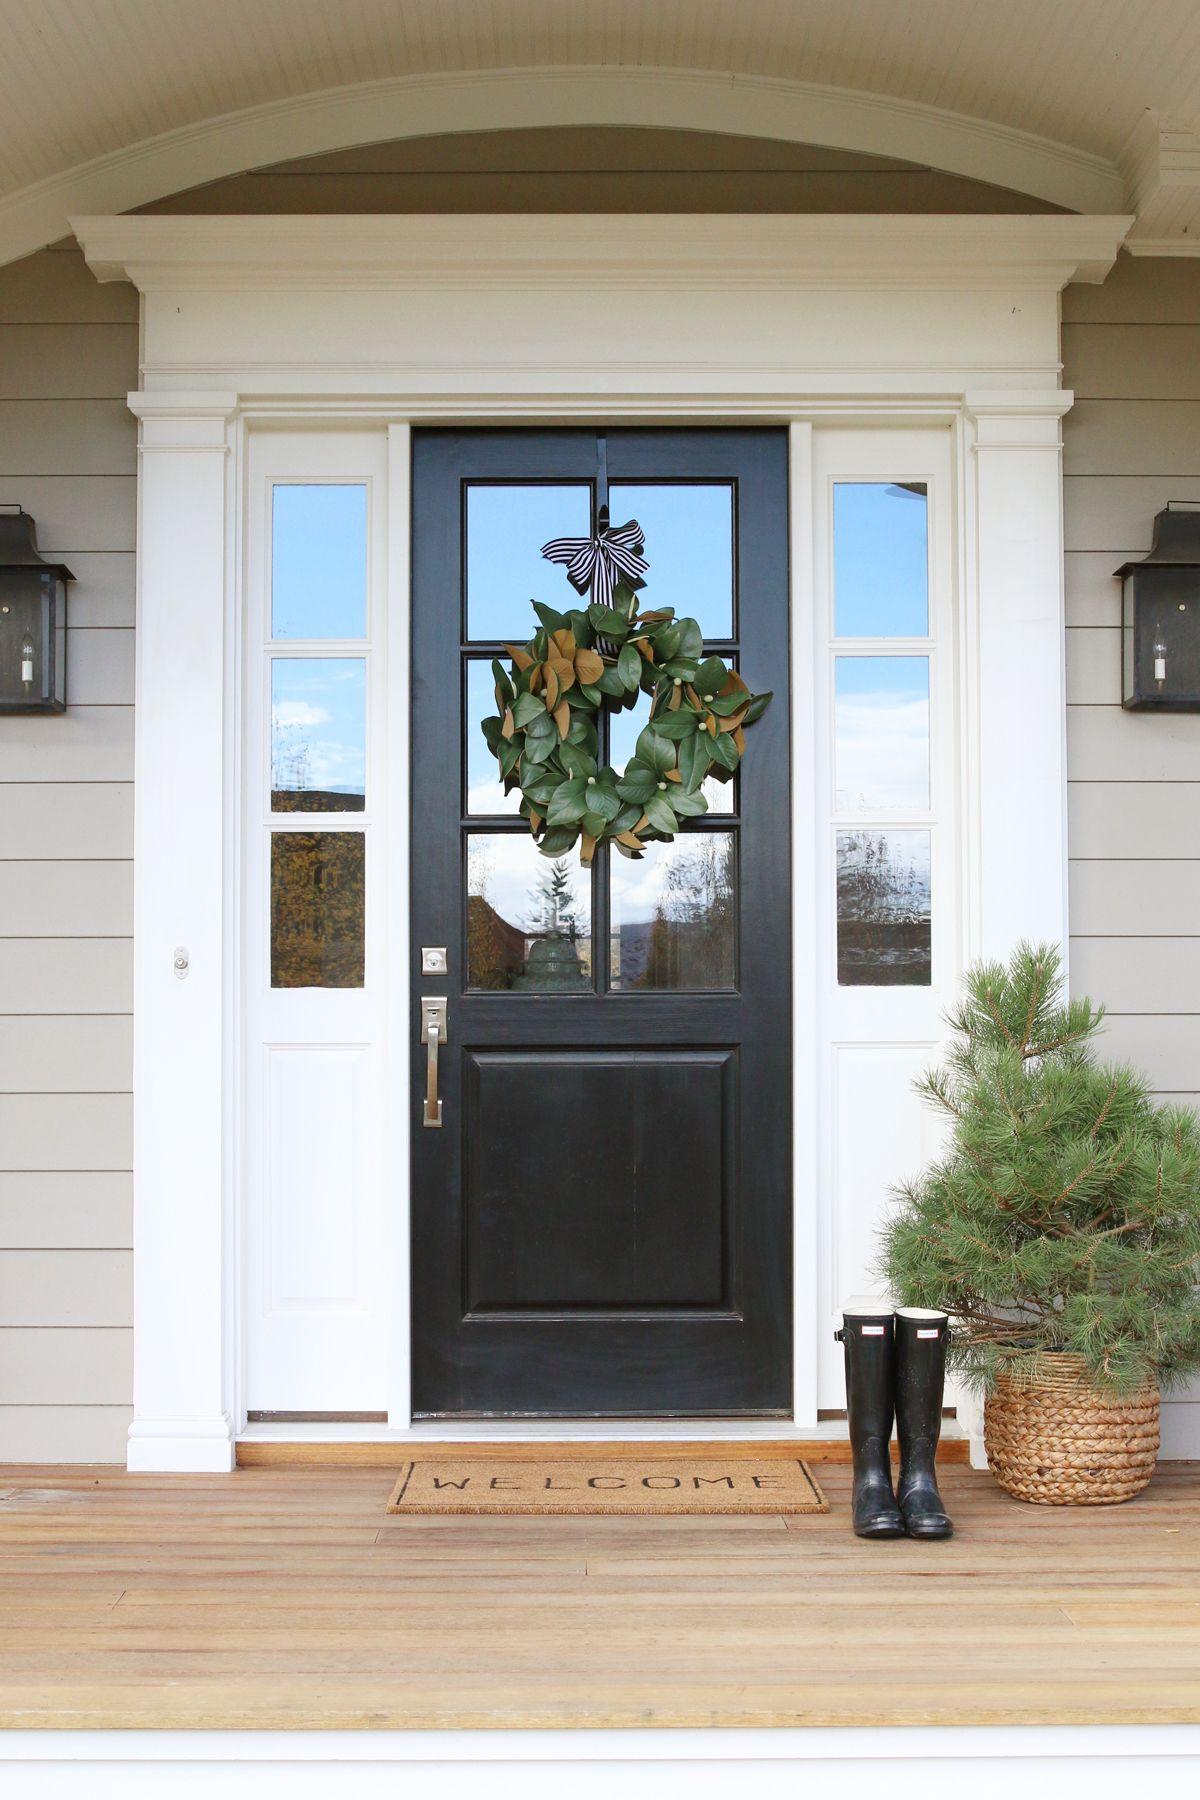 Front door with sidelites m6410 103010 ct 4irh the home depot - Front Door Decor Magnolia Wreaths